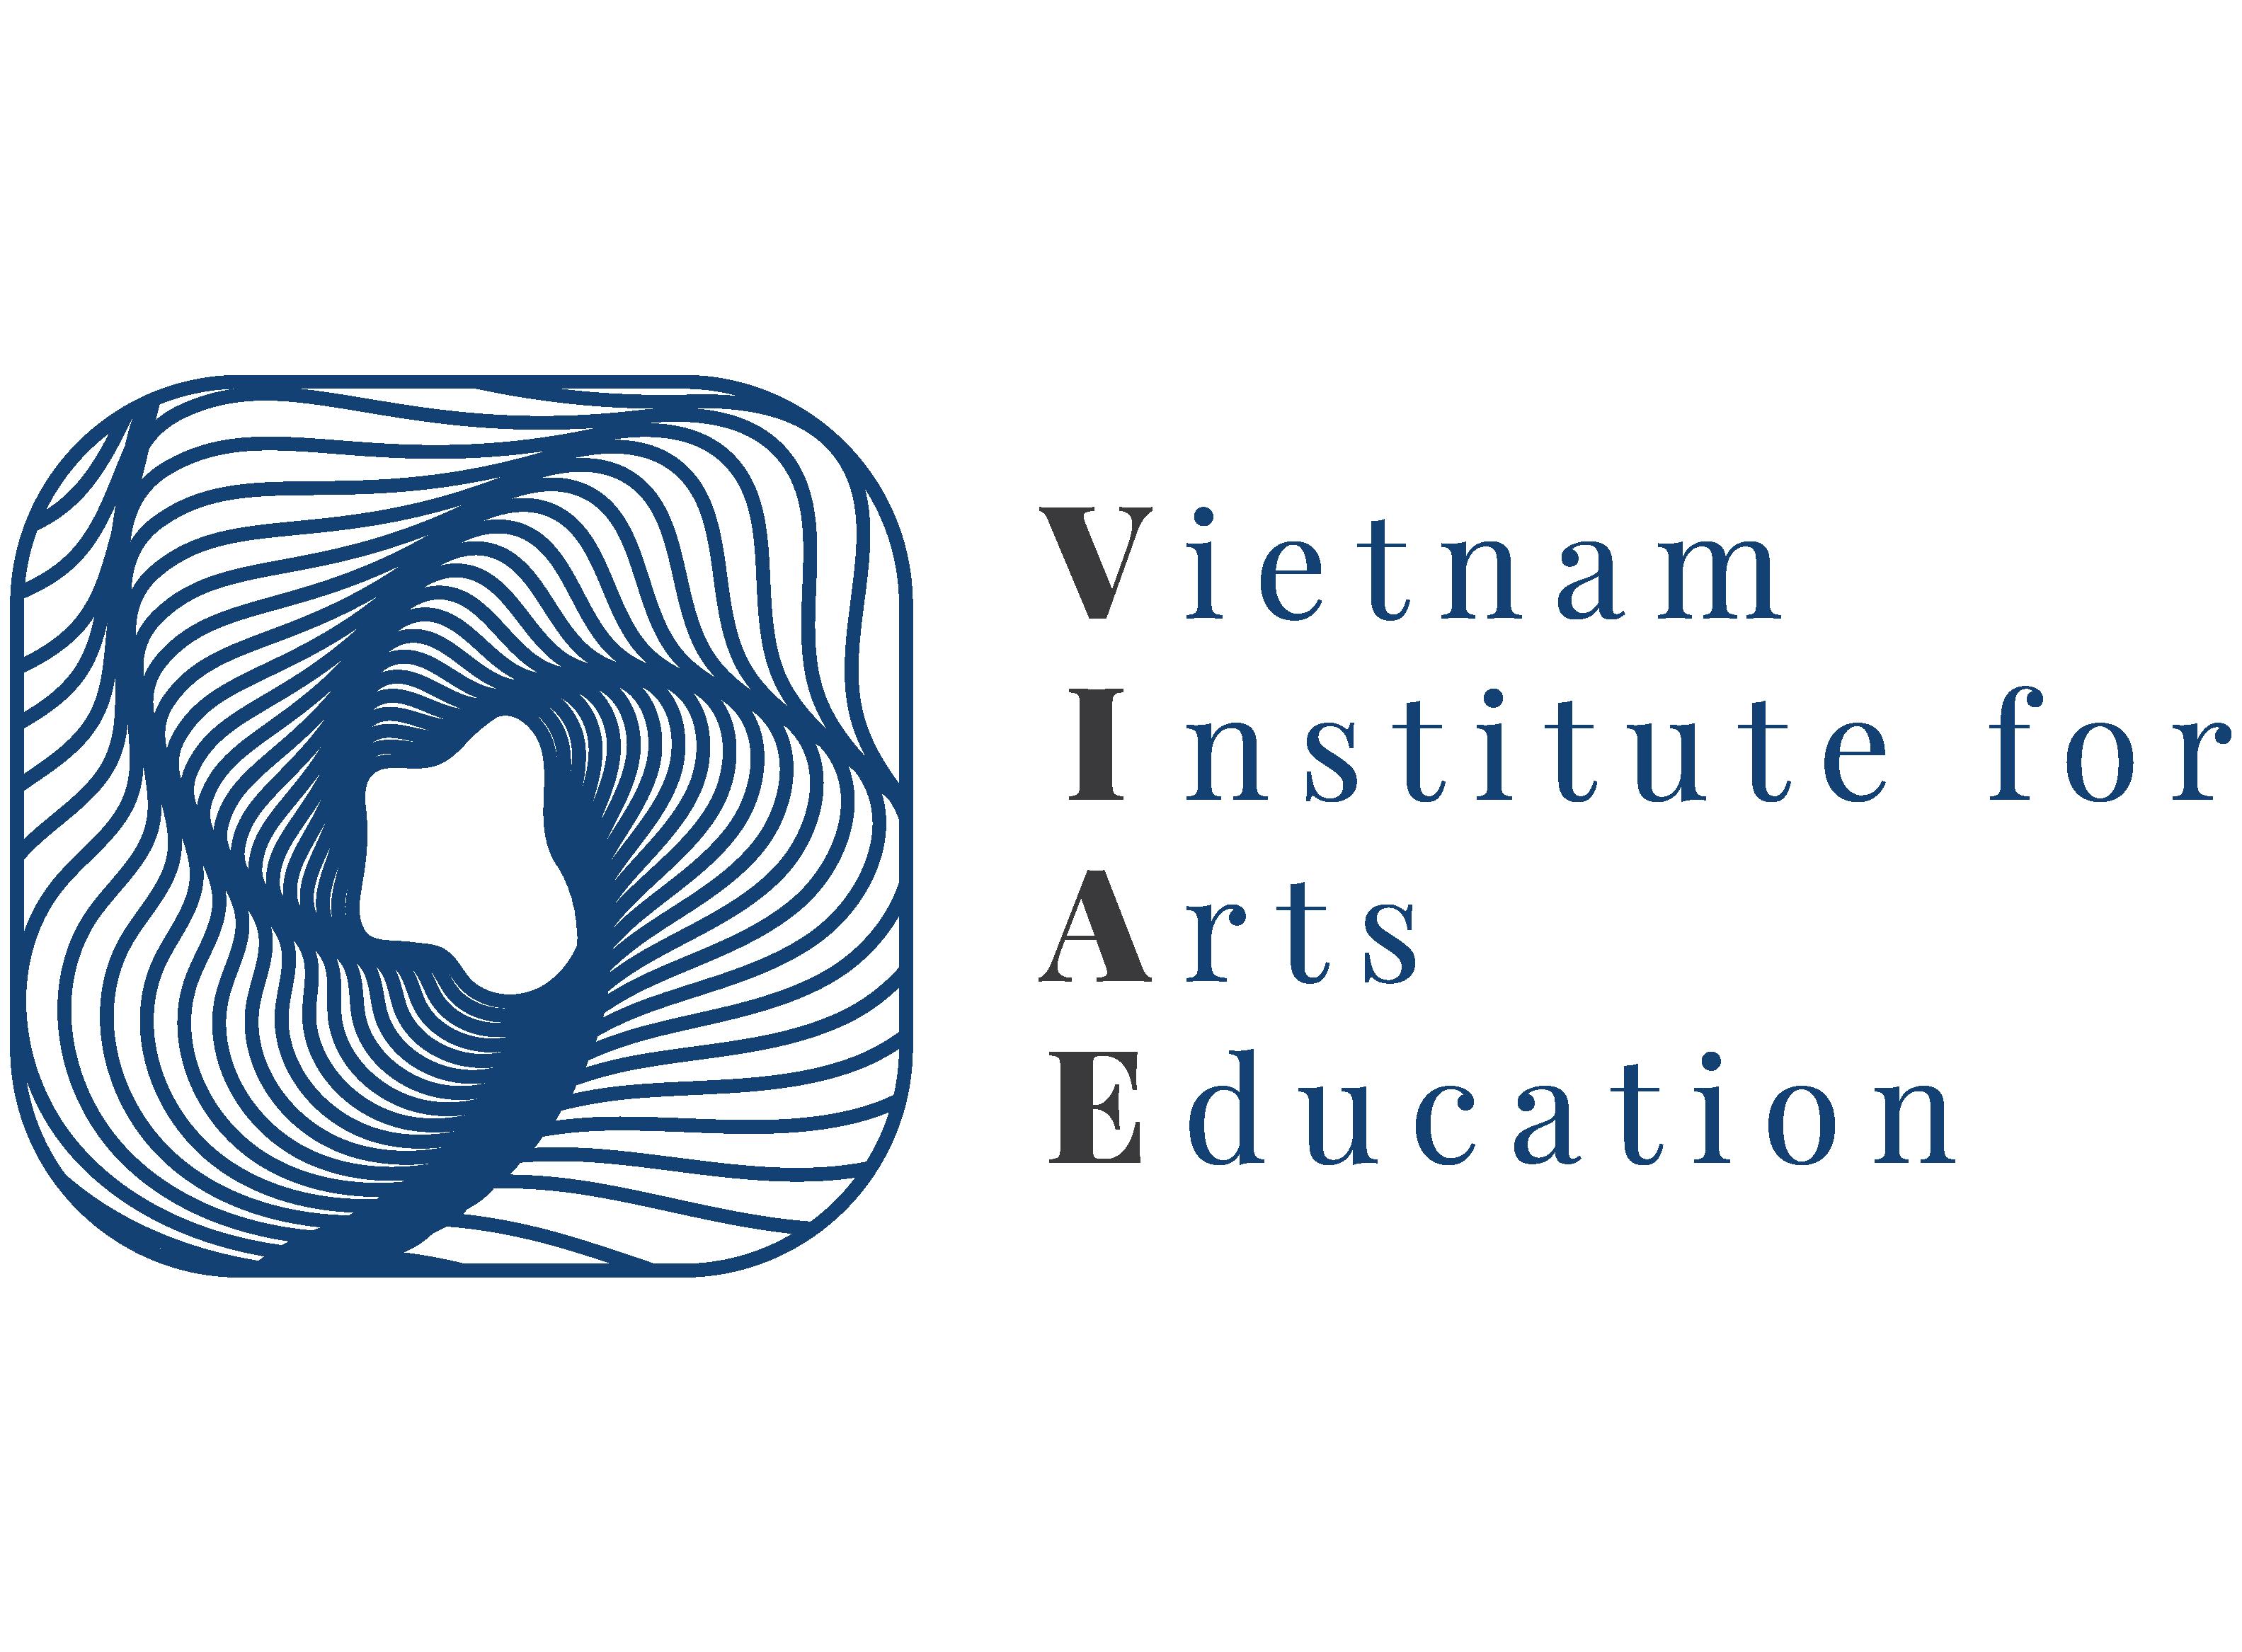 Vietnam Institute for Arts Education (VIA Education)